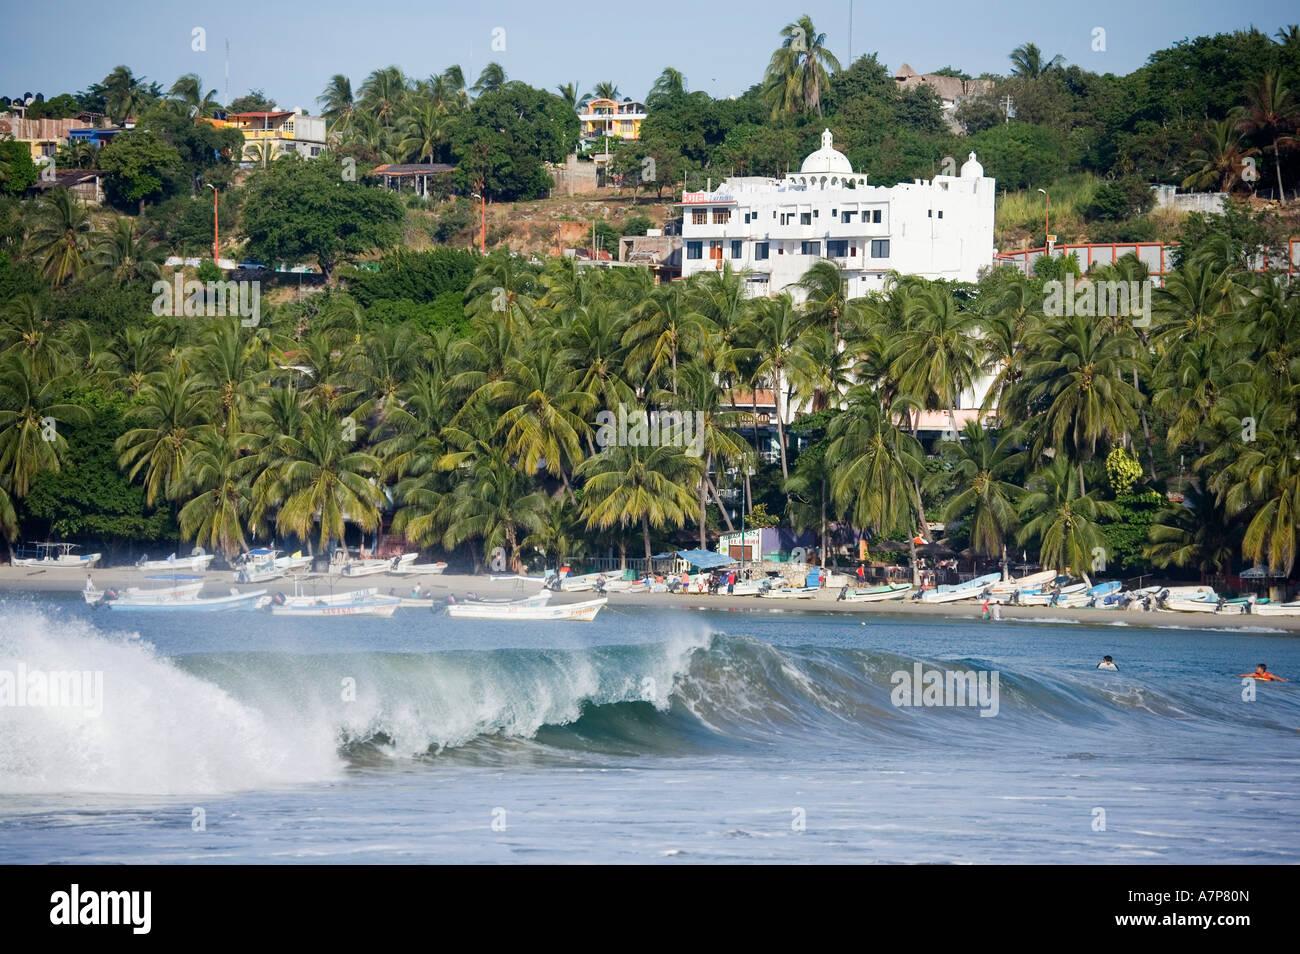 Puerto escondido imgenes de stock puerto escondido fotos de stock surf puerto escondido costa del pacfico en el estado de oaxaca mxico altavistaventures Images